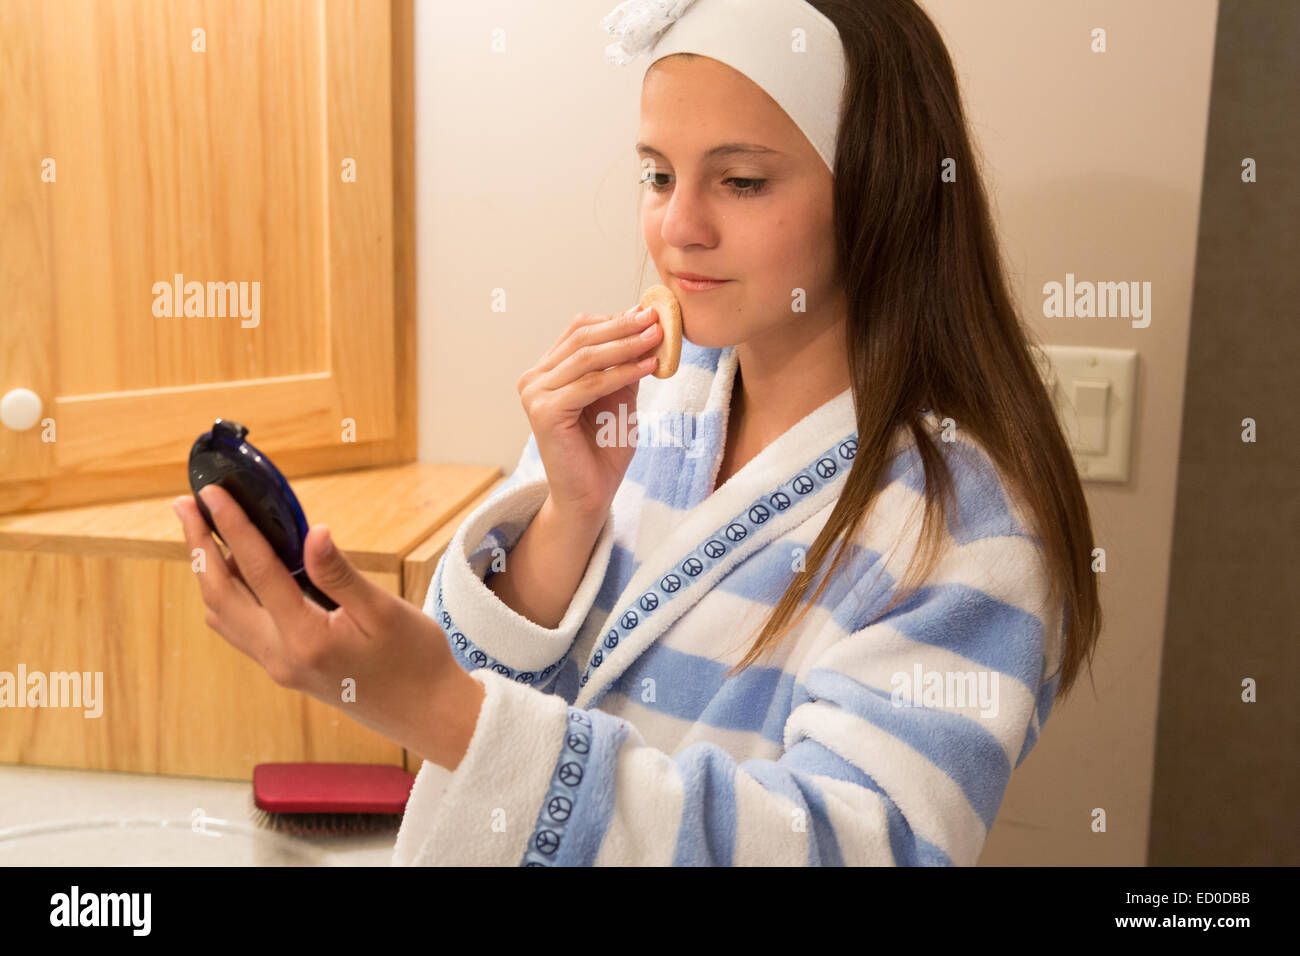 Mädchen stehen in Bad Auftragen von Puder foundation Stockbild